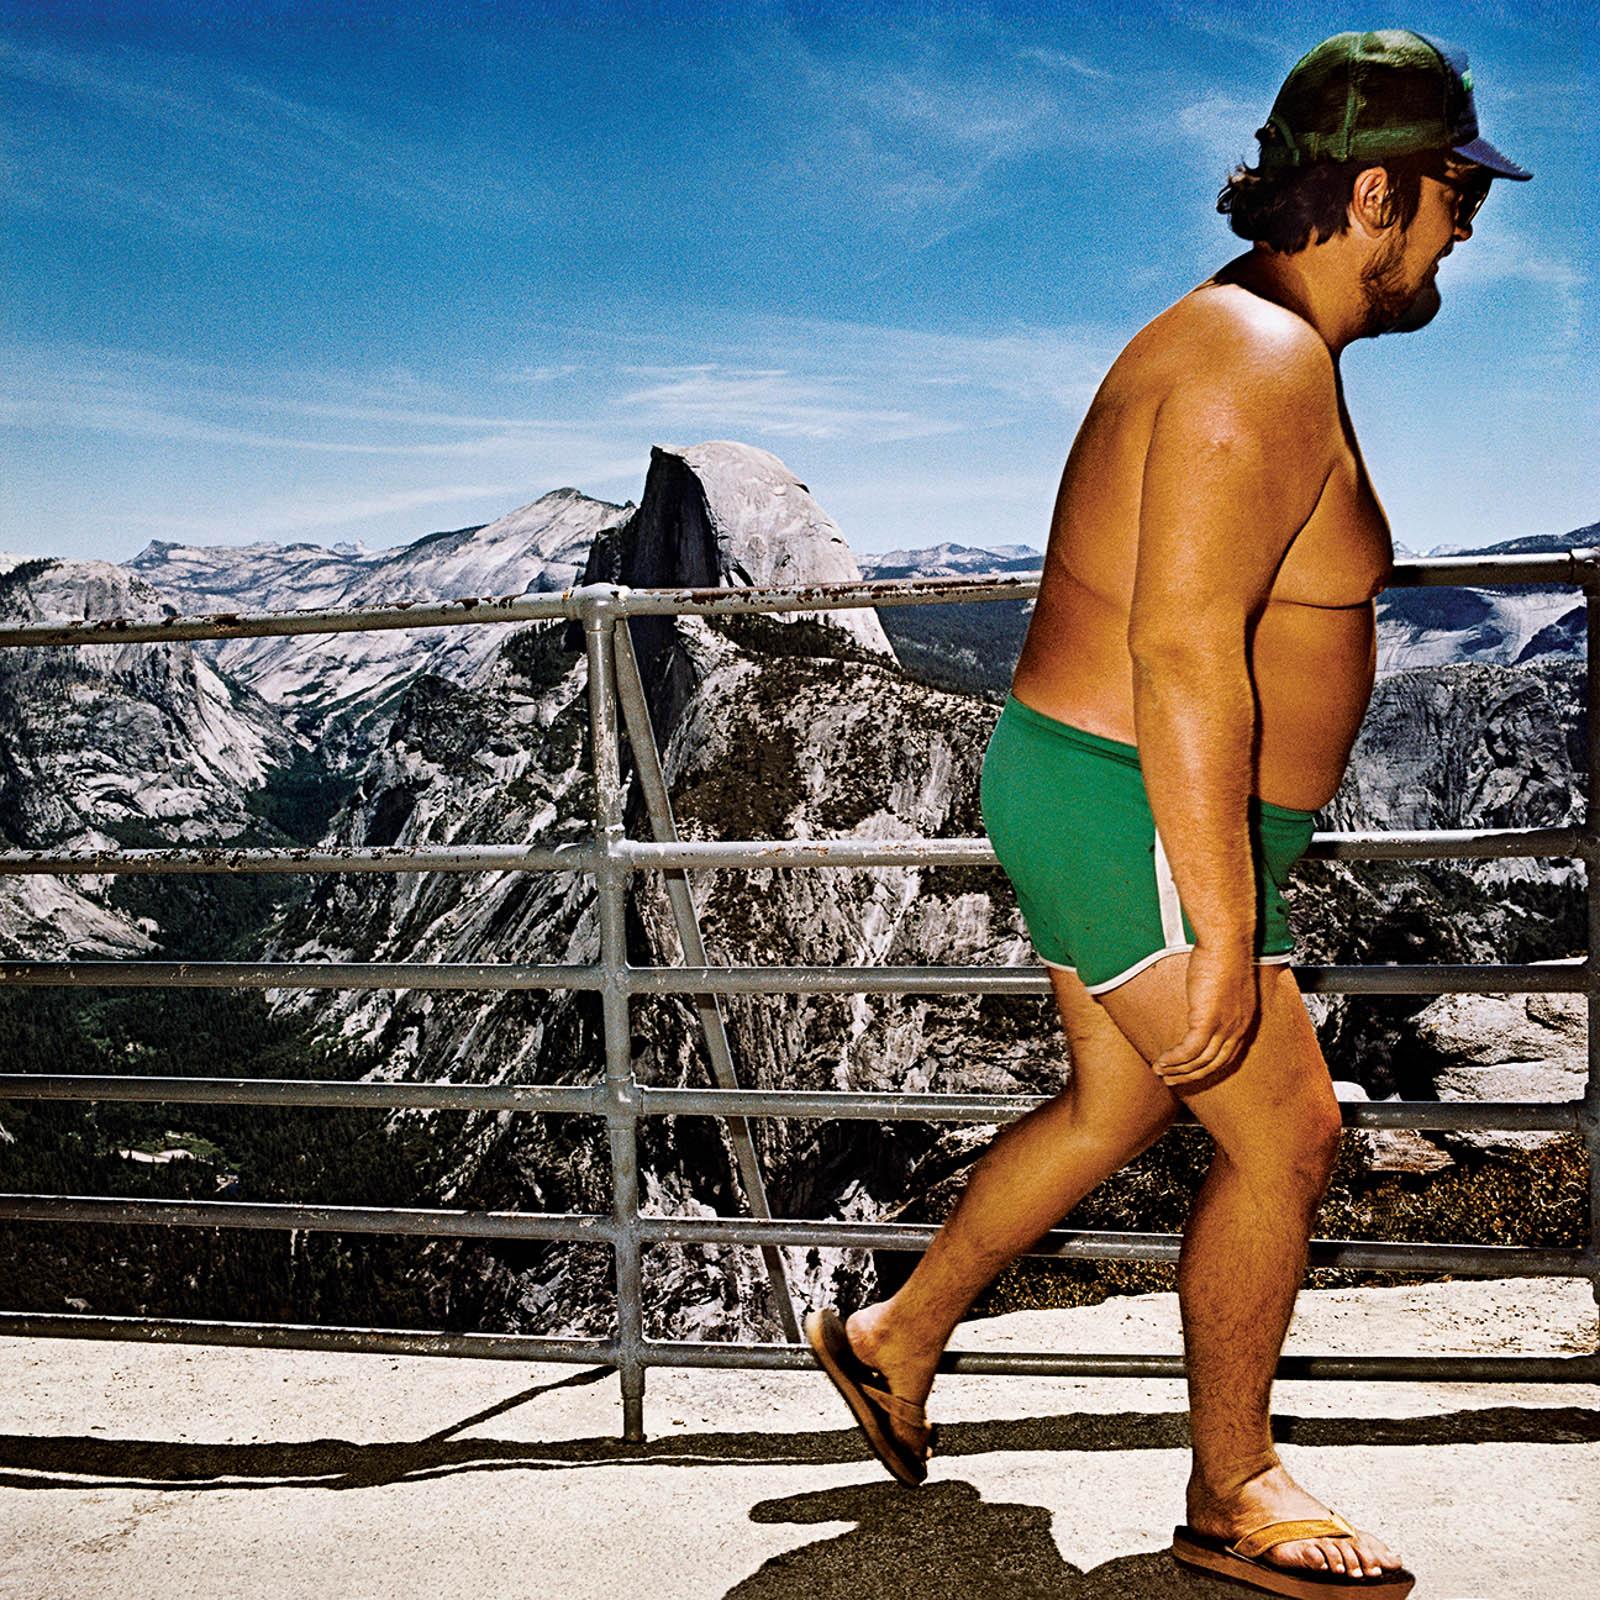 Shirtless Man at Glacier Point, Yosemite National Park, California 1980